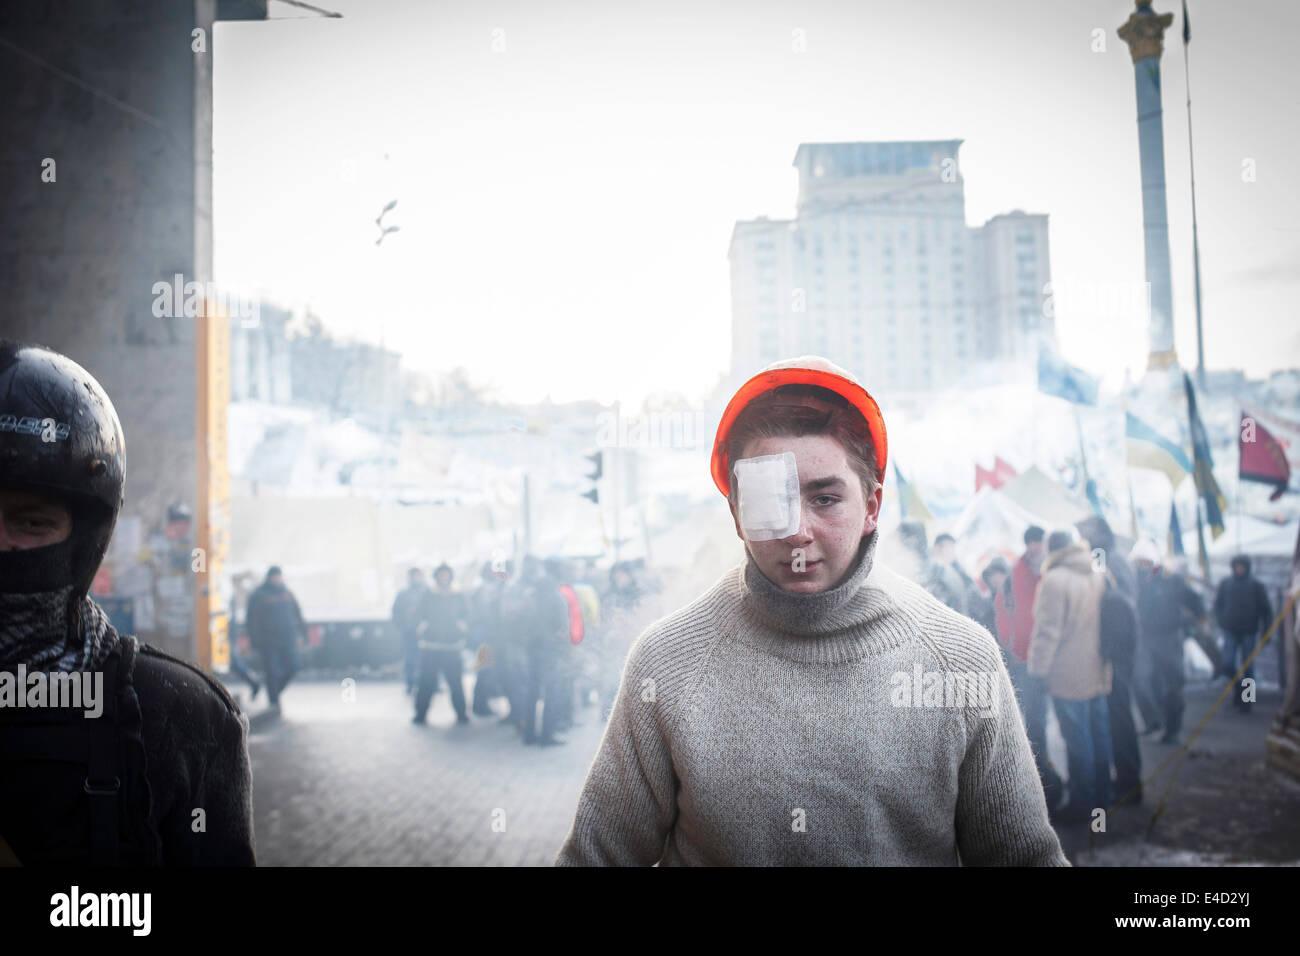 Manifestante lesionada, Euromaidan, Kiev, Ucrania Imagen De Stock